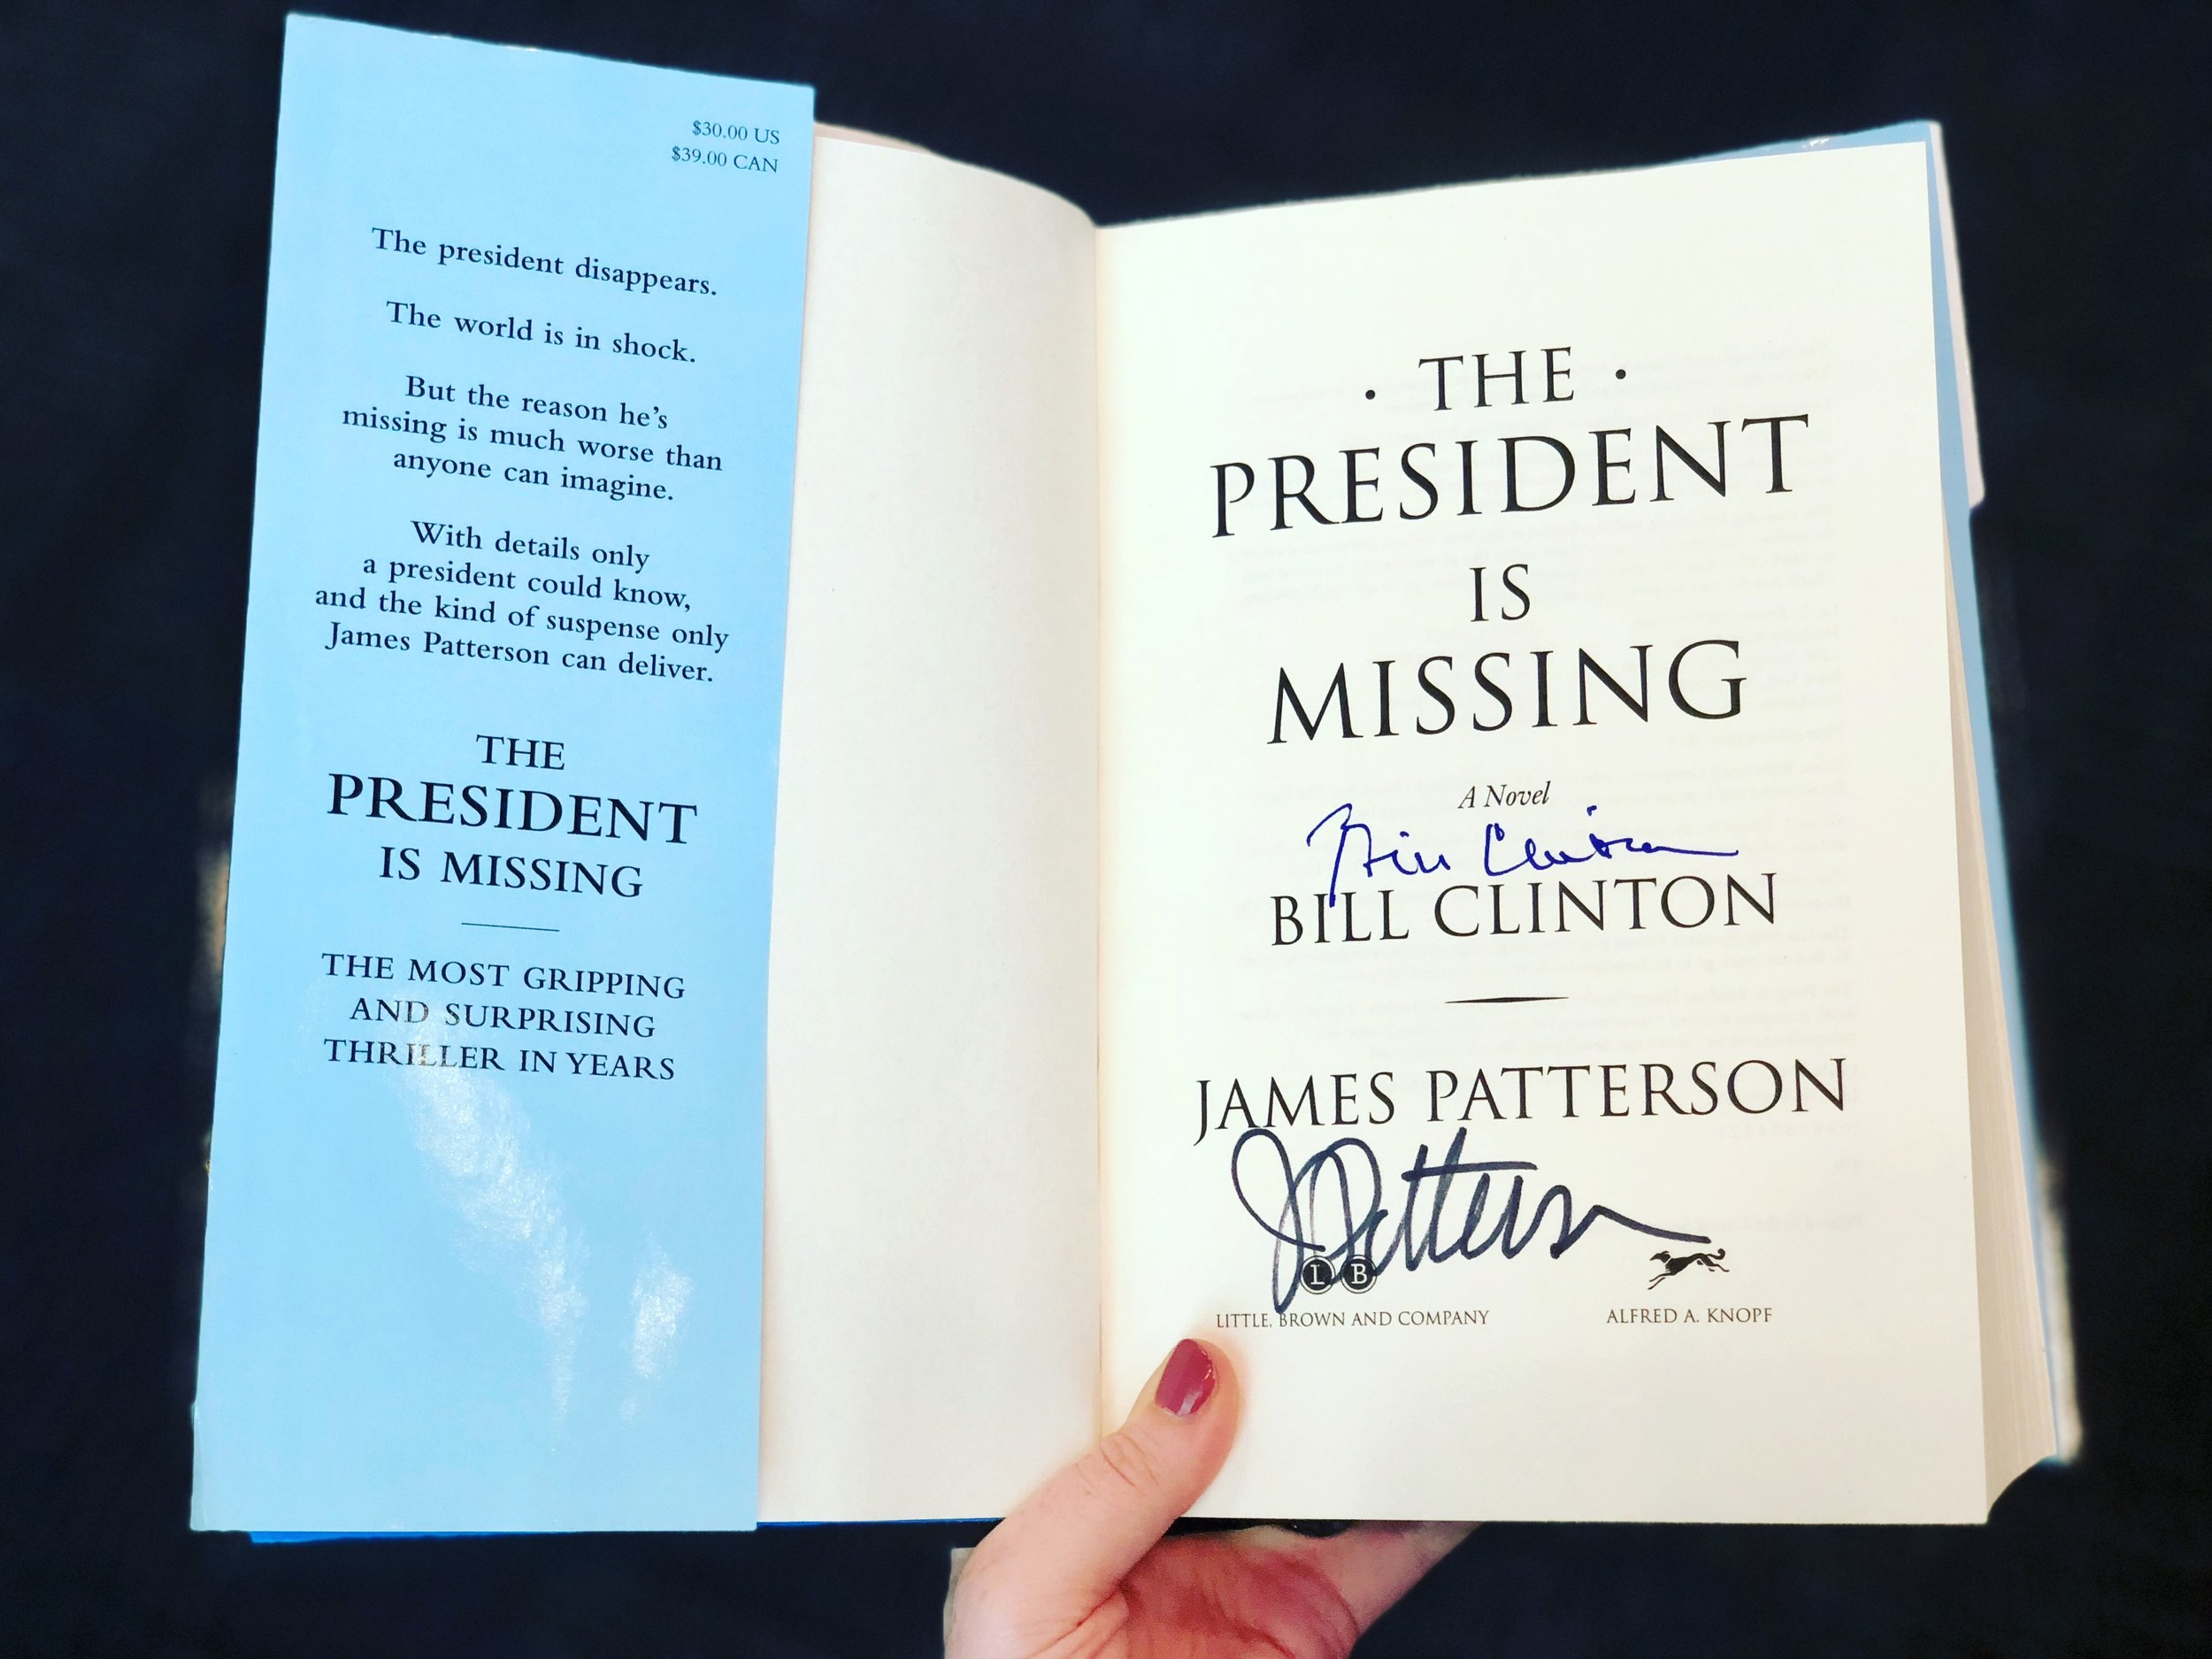 bookcon-2018-the-presidentis-missing-signed.jpg